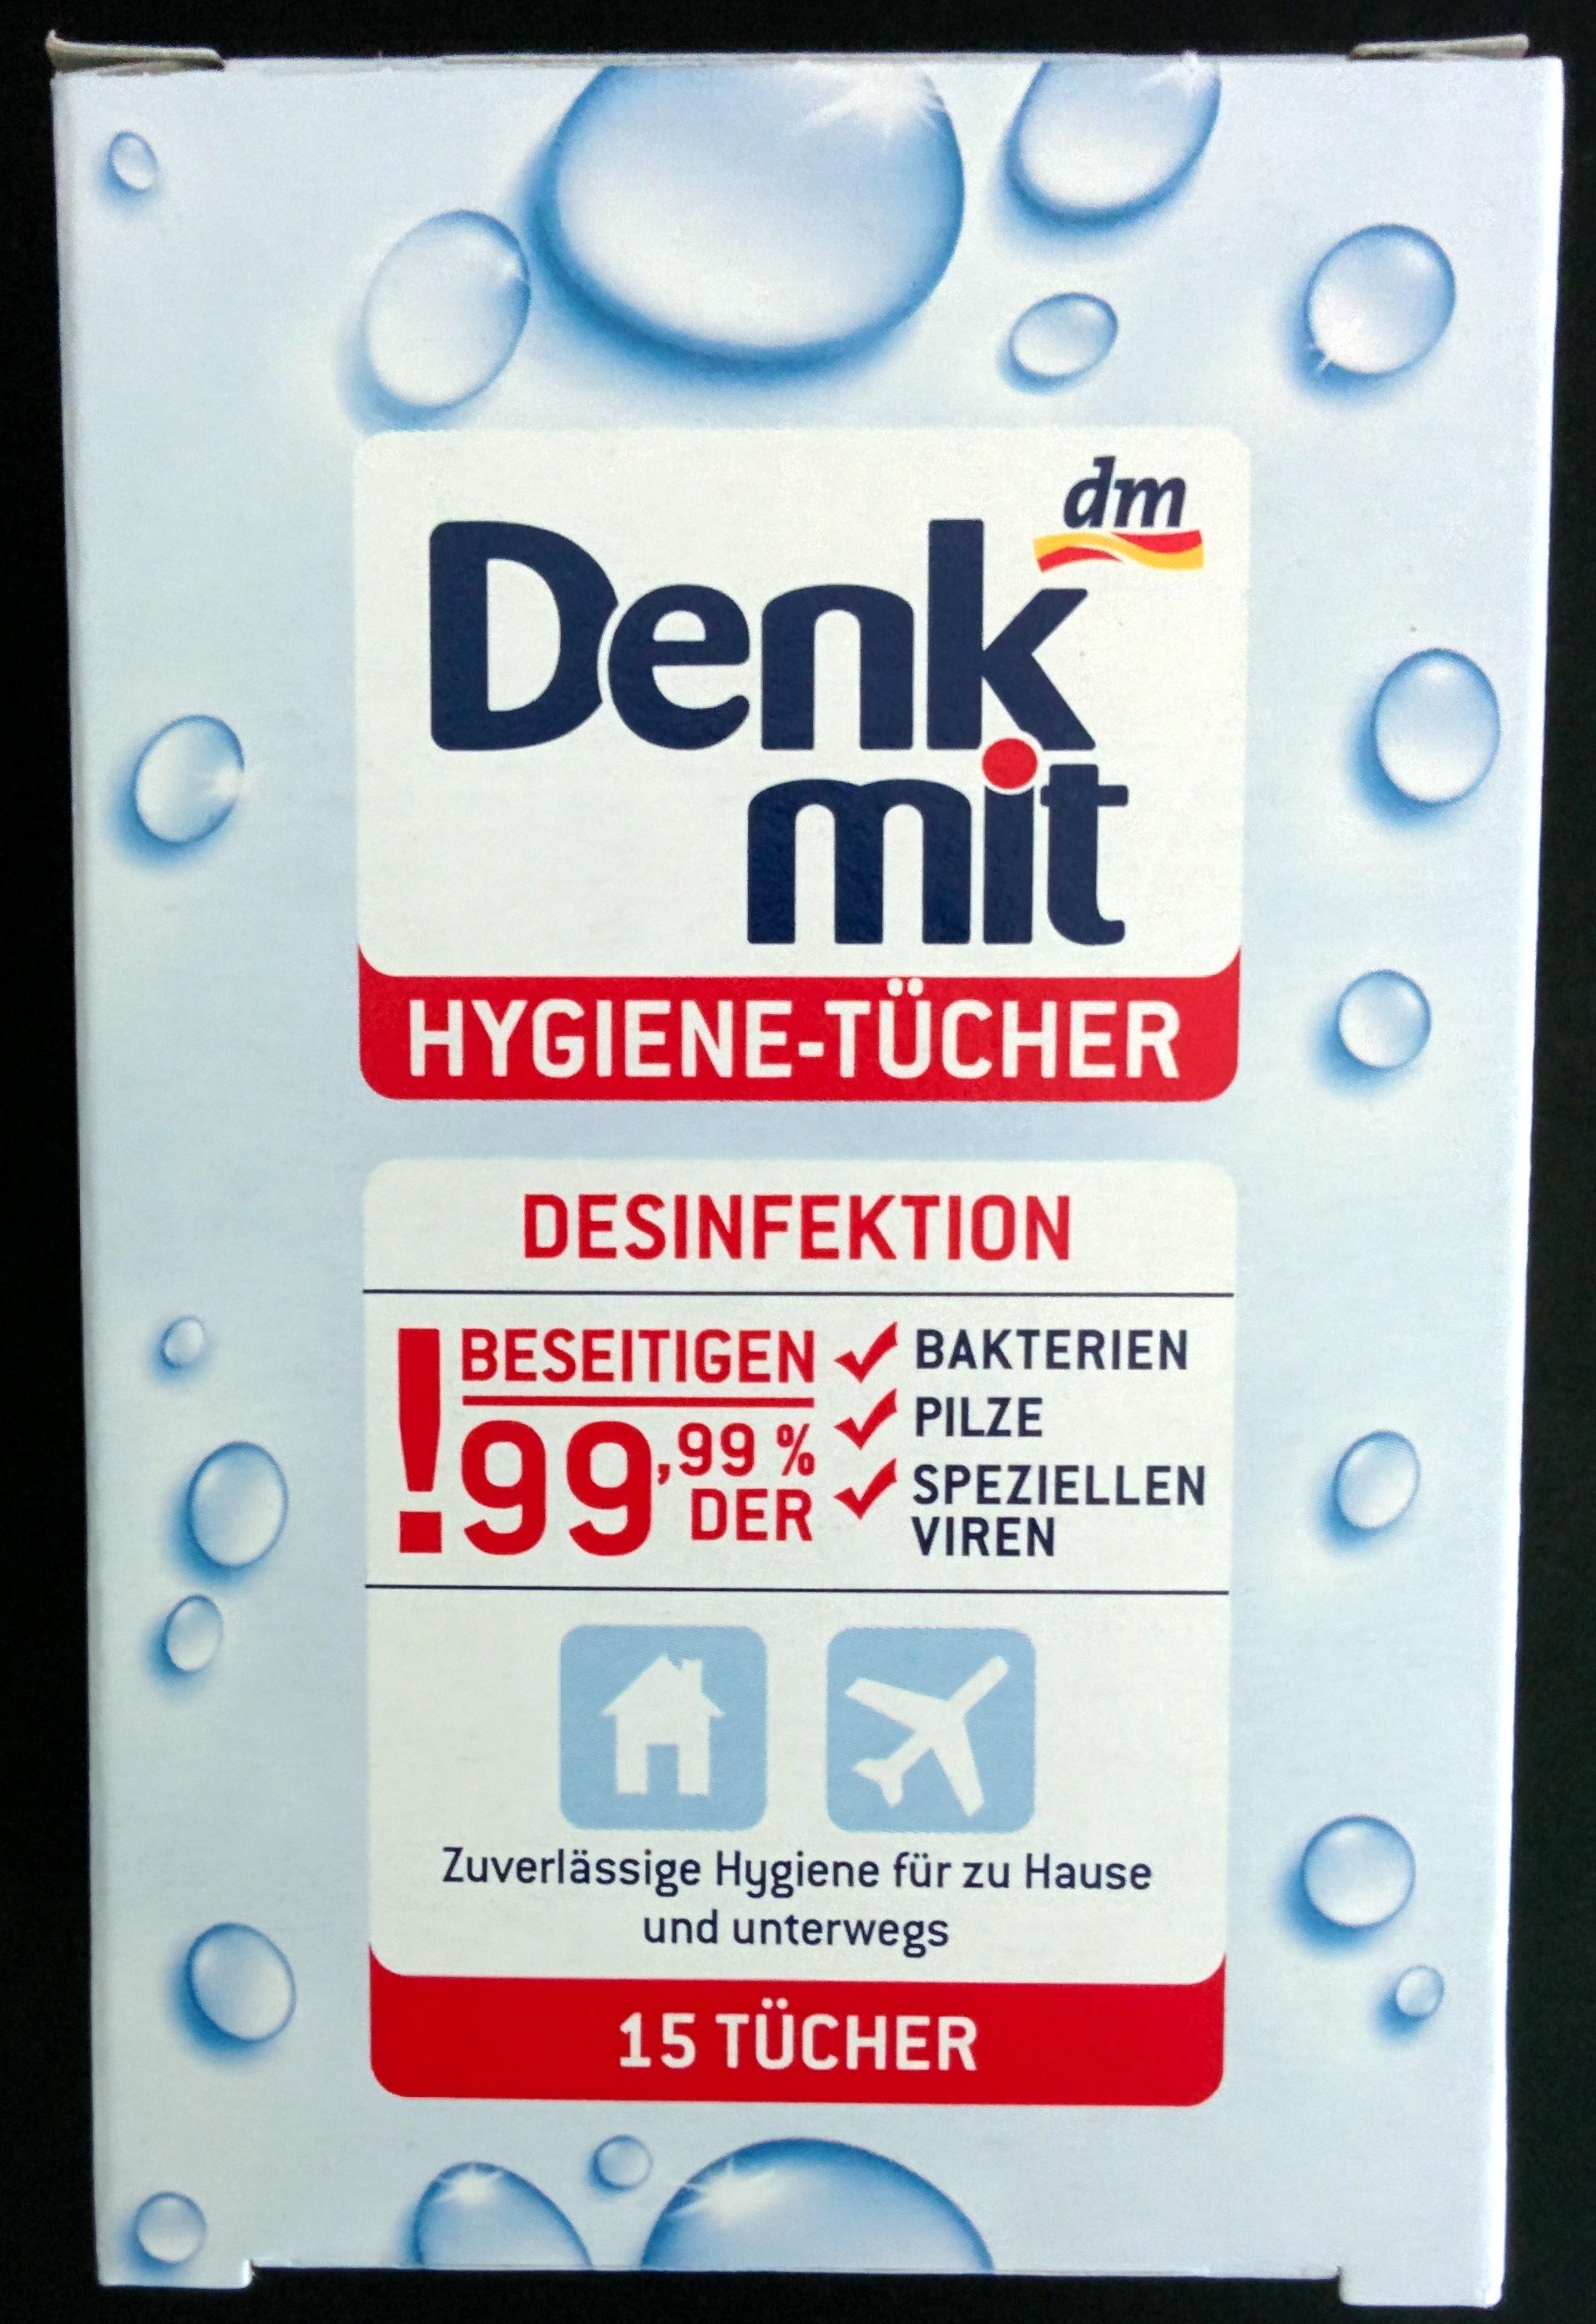 Hygiene-Tücher - Desinfektion - 15 Tücher - Product